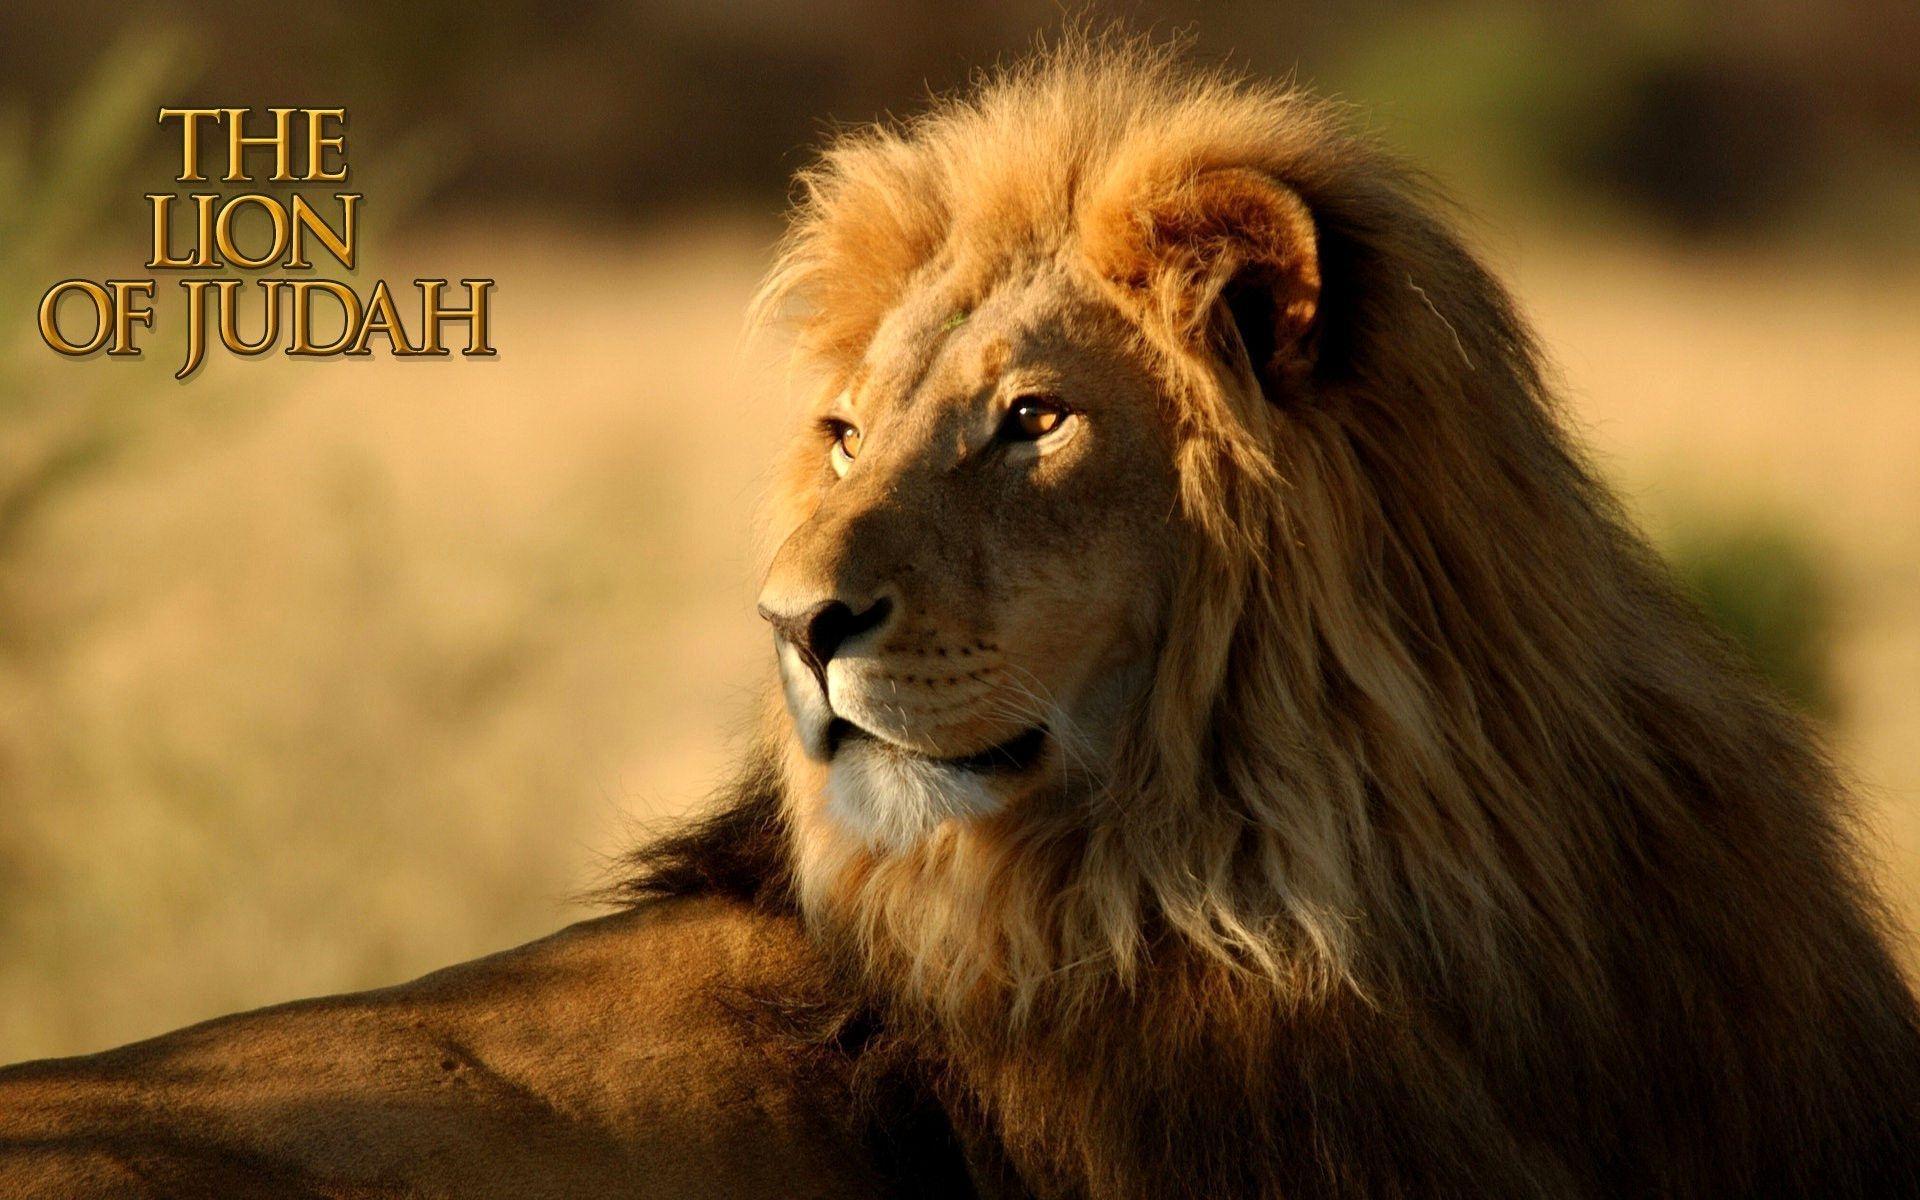 10 Best Lion Of Judah Pics FULL HD 1920×1080 For PC Desktop